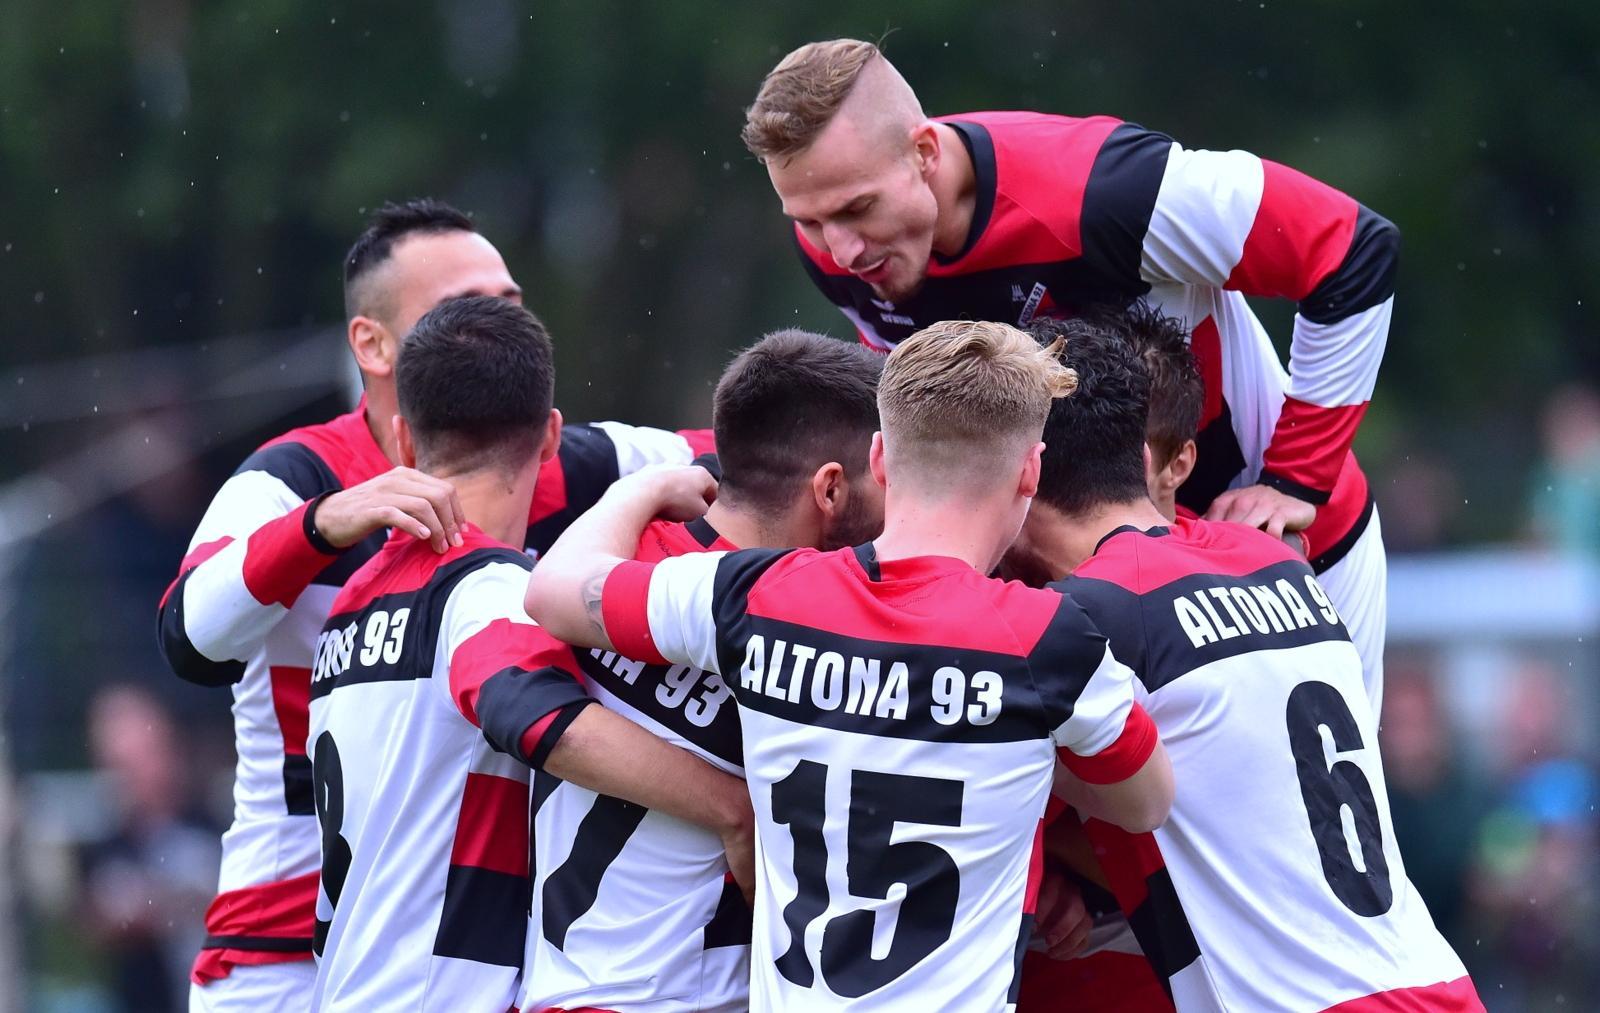 Lüneburger SK Hansa - Altona 93 - Erster Regionalliga-Dreier: AFC ...